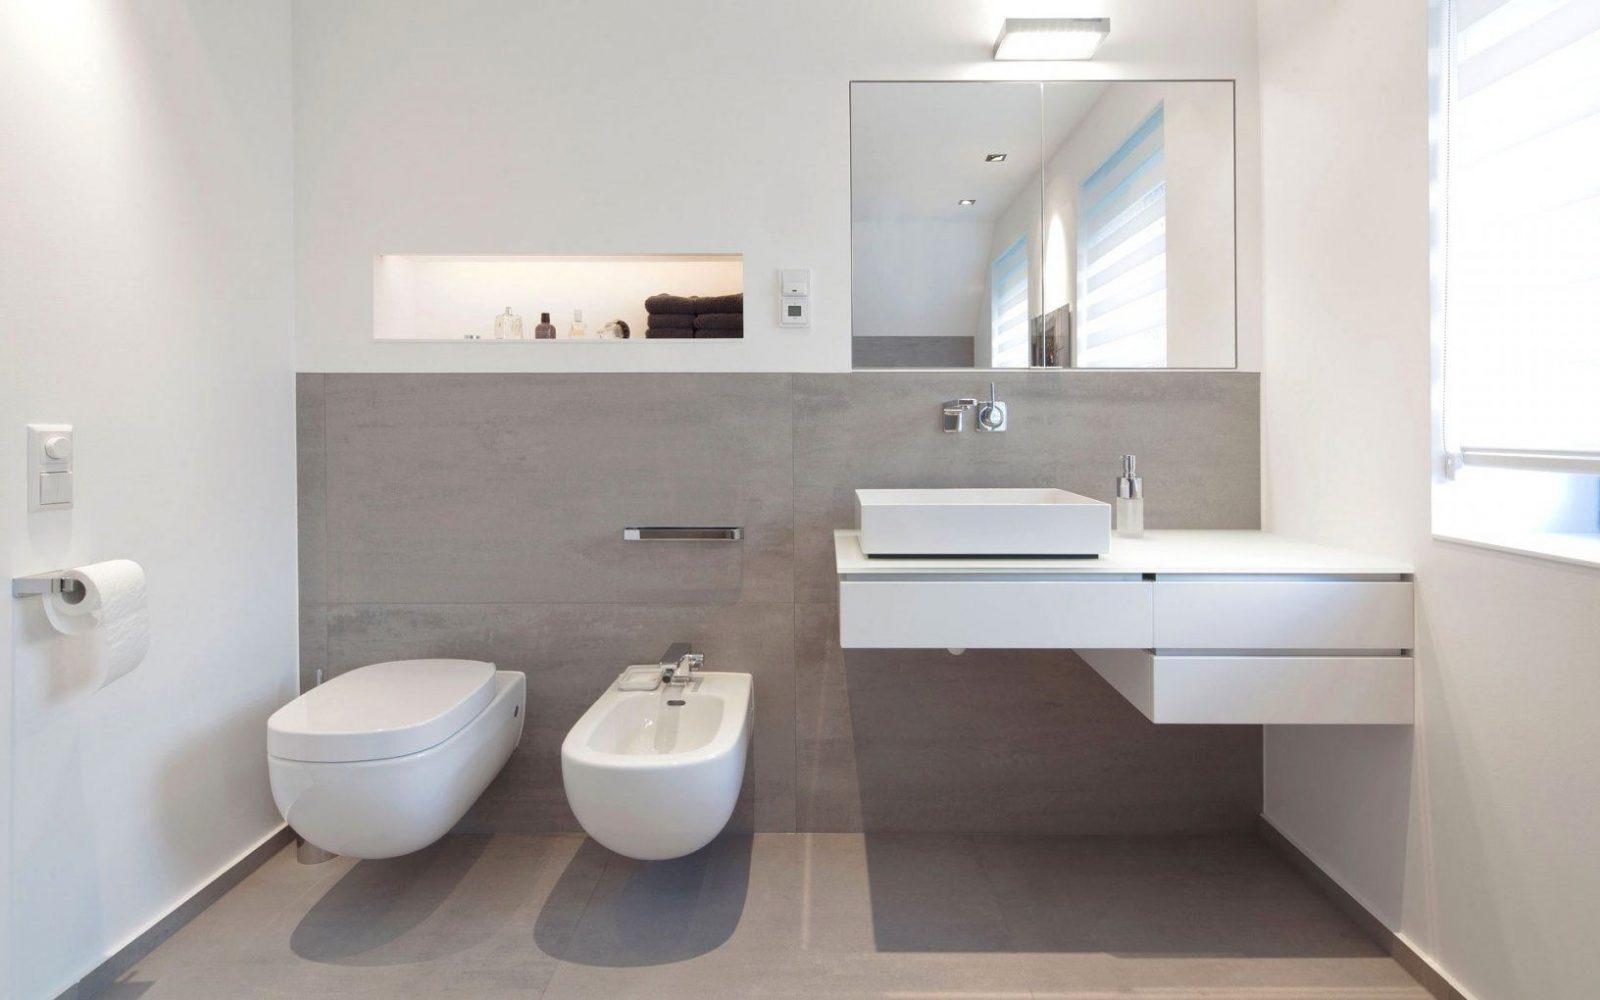 Modernes Bad Weiss Beige Wunderbar On Innerhalb Beiges 100 Images von Badezimmer Fliesen Braun Beige Bild